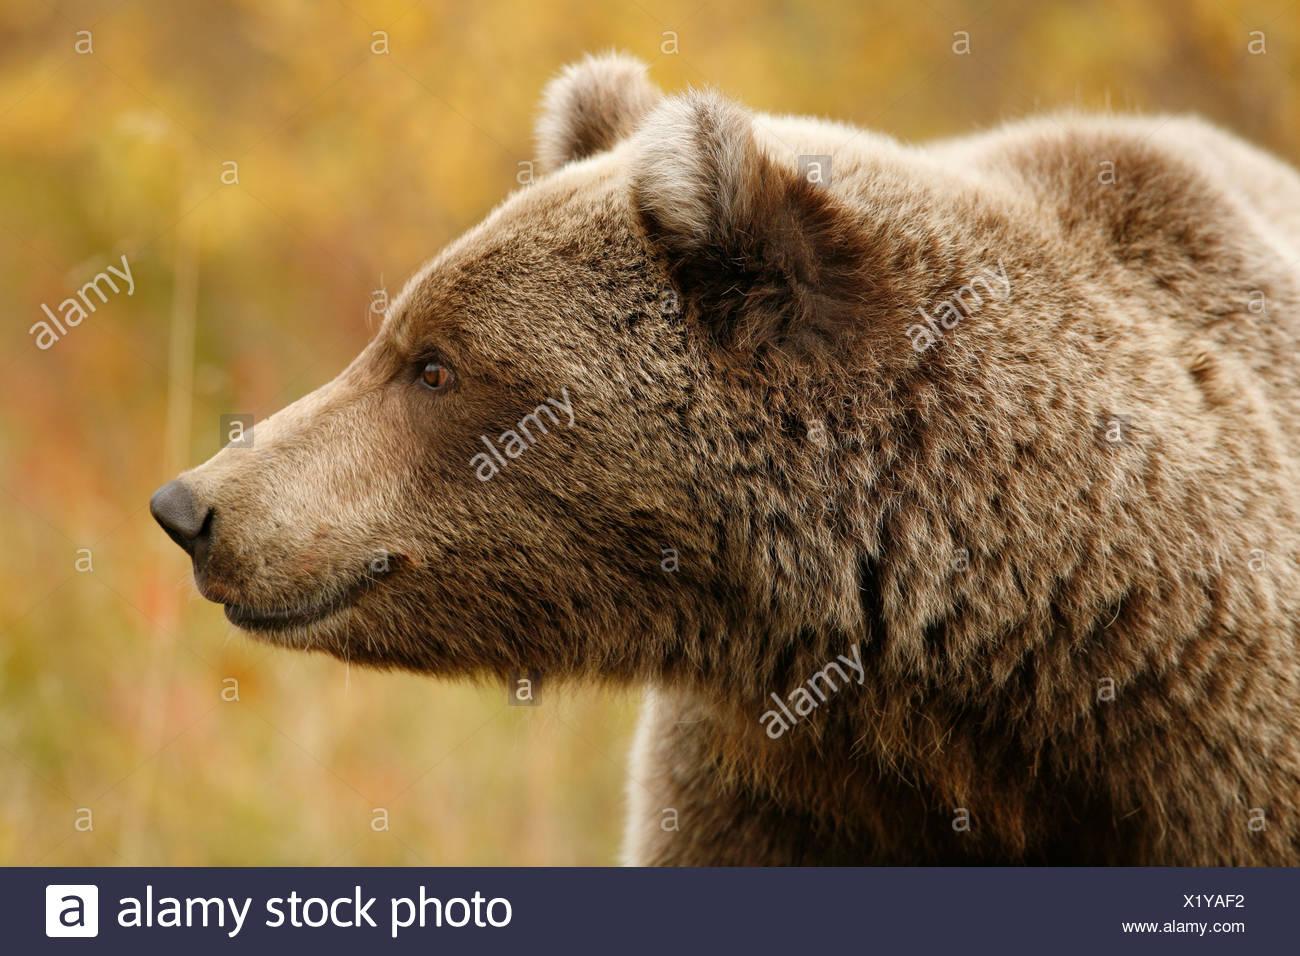 Ours brun, Ursus arctos, automne, l'alimentation, la toundra alpine, le parc national Denali, en Alaska. Photo Stock